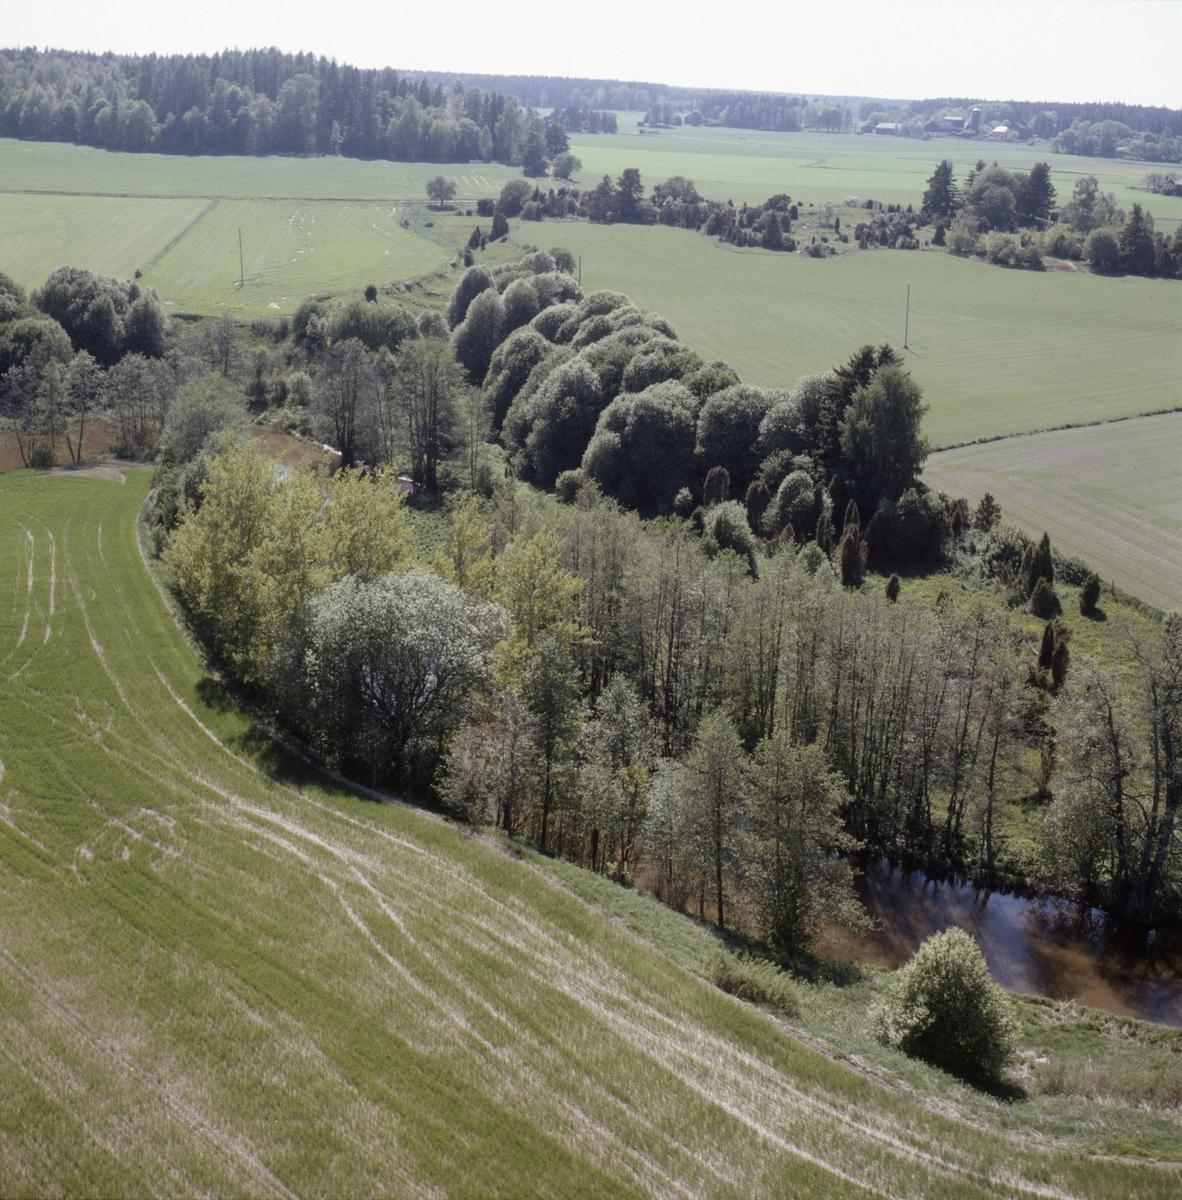 Vy över Altuna vid Jumkilsån, Börje socken, Uppland, juni 1989